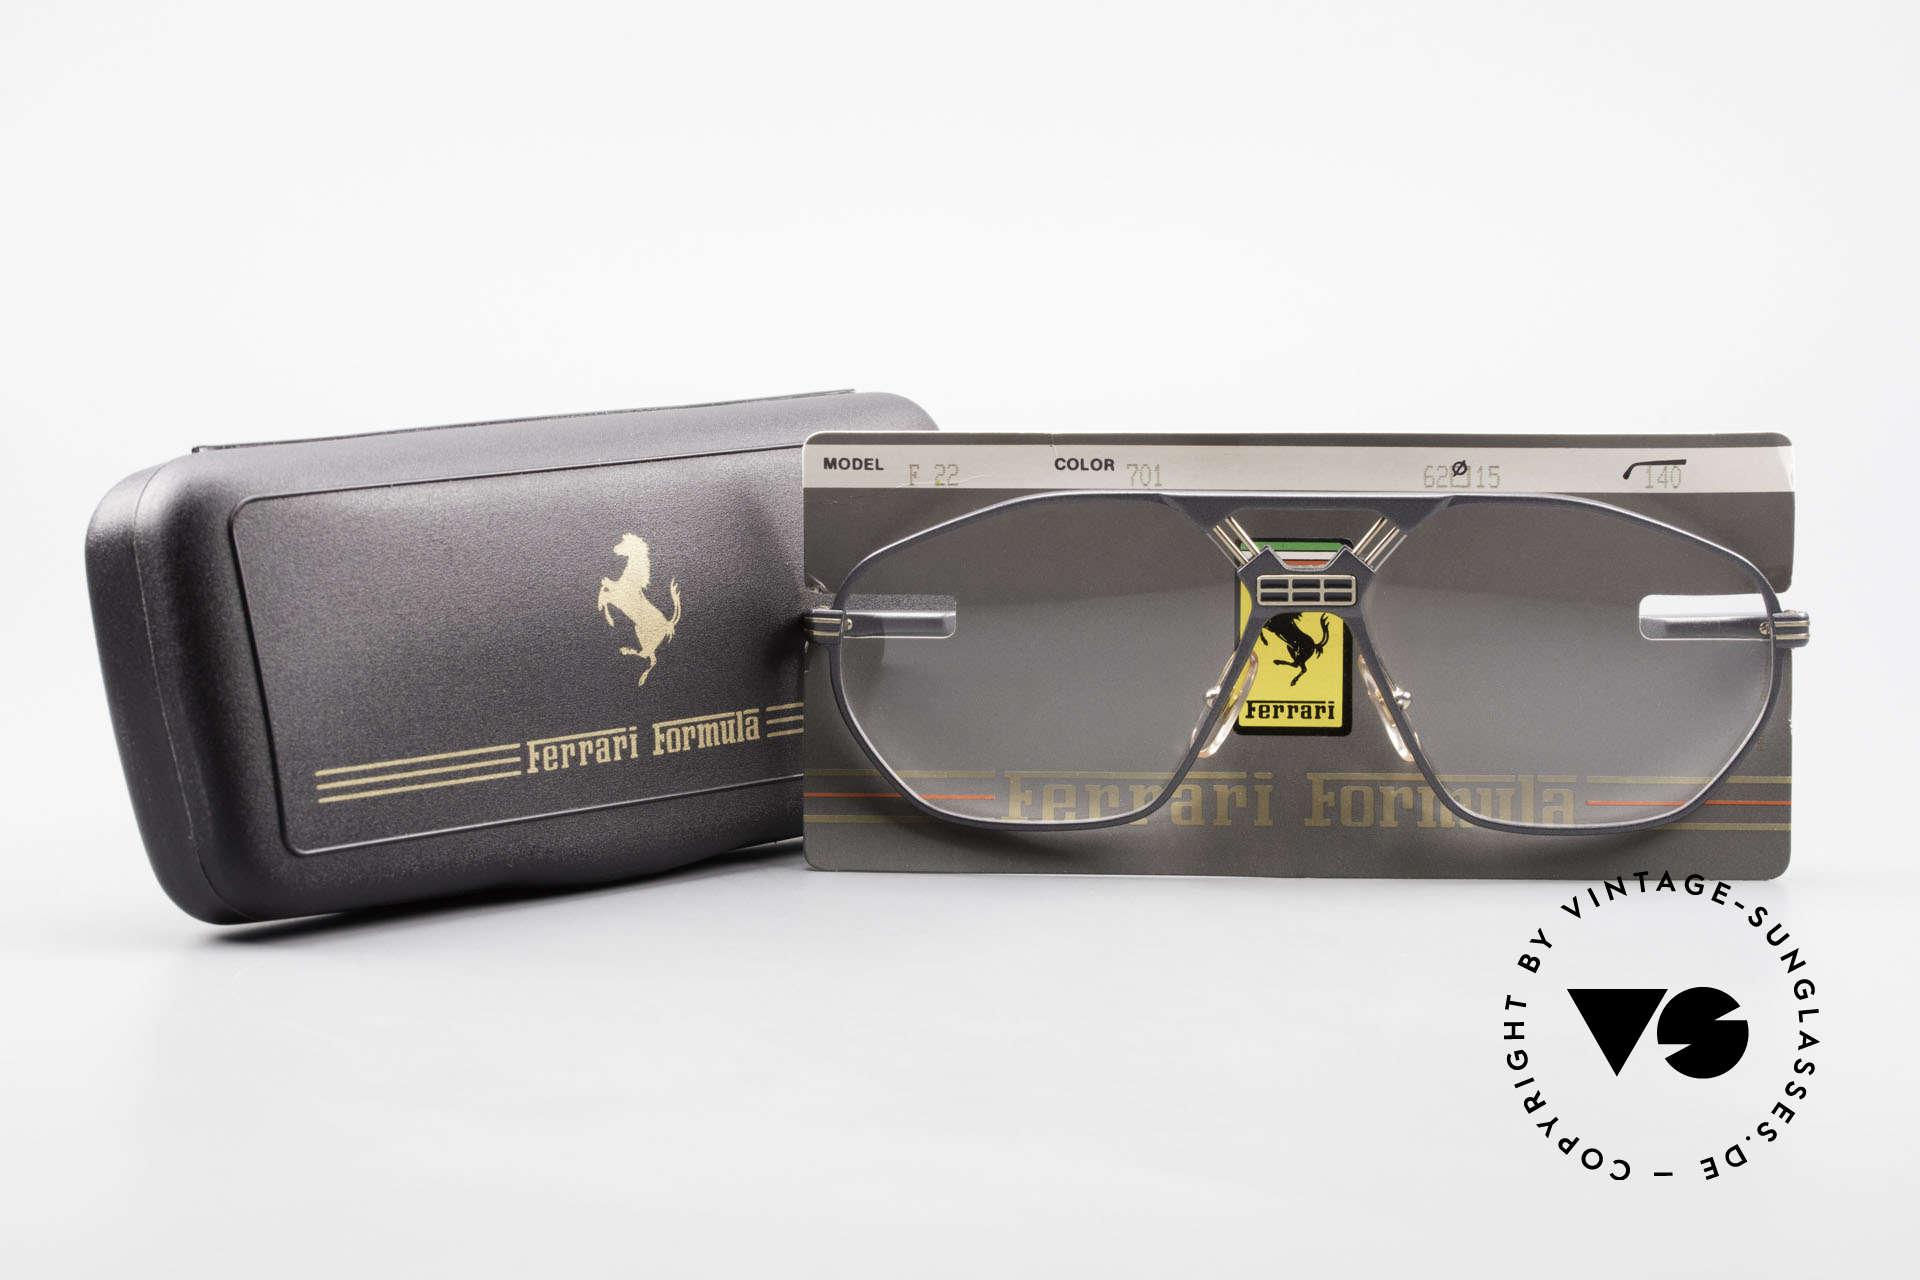 Ferrari F22 Formula 1 Vintage Glasses 90s, Size: large, Made for Men